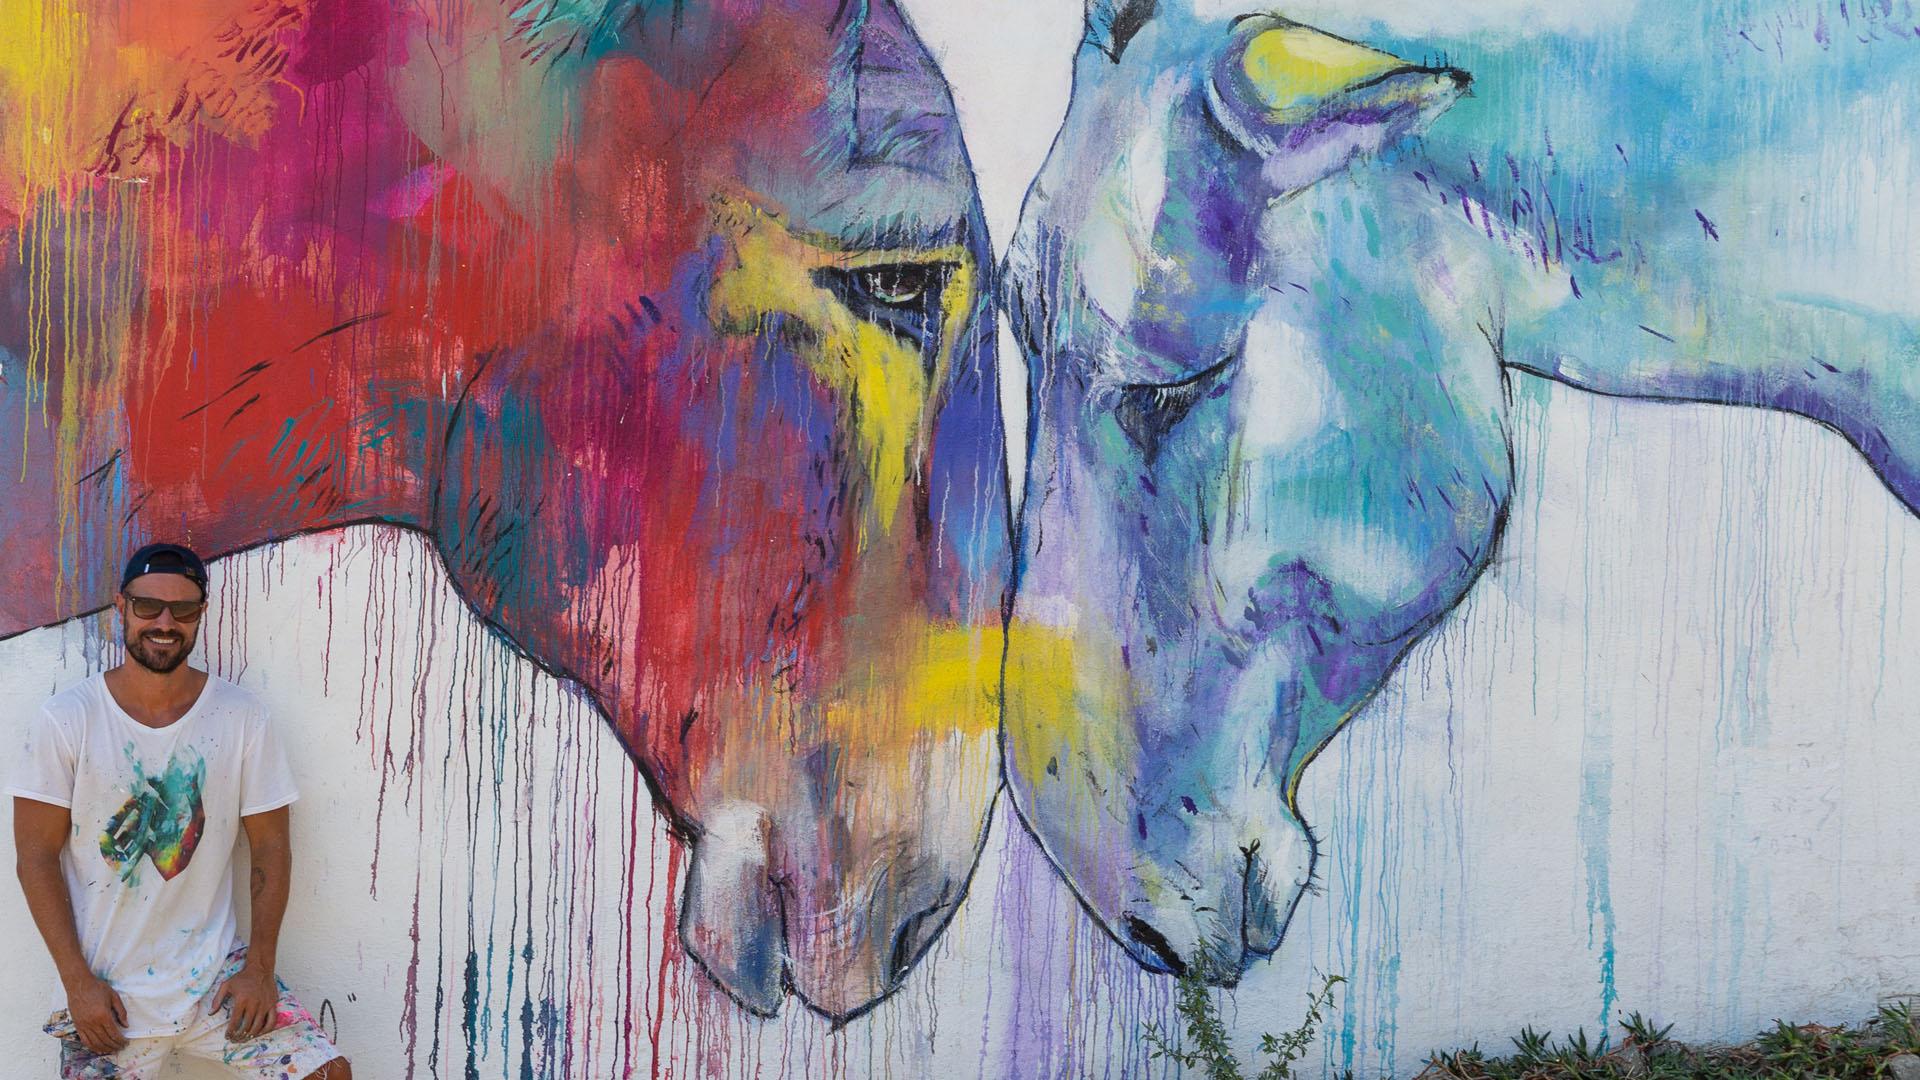 Vínculo by Adrián Torres para Donkey Dreamland Mijas